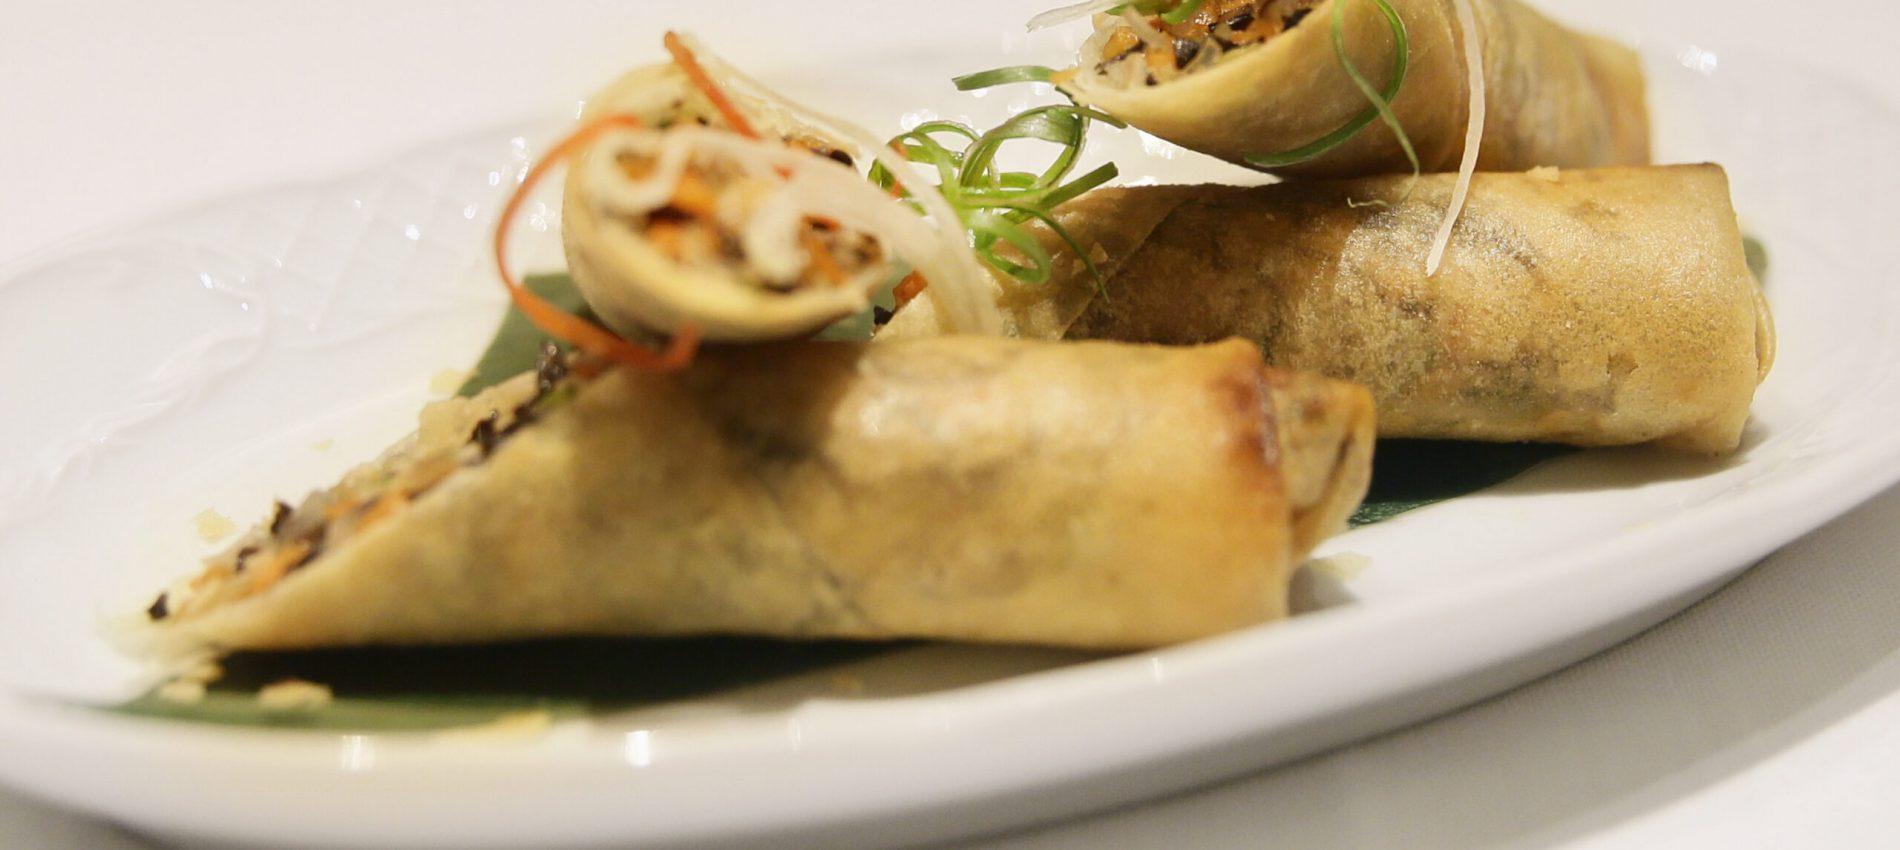 18 - Rollos imperiales rellenos de shiitake y verduras